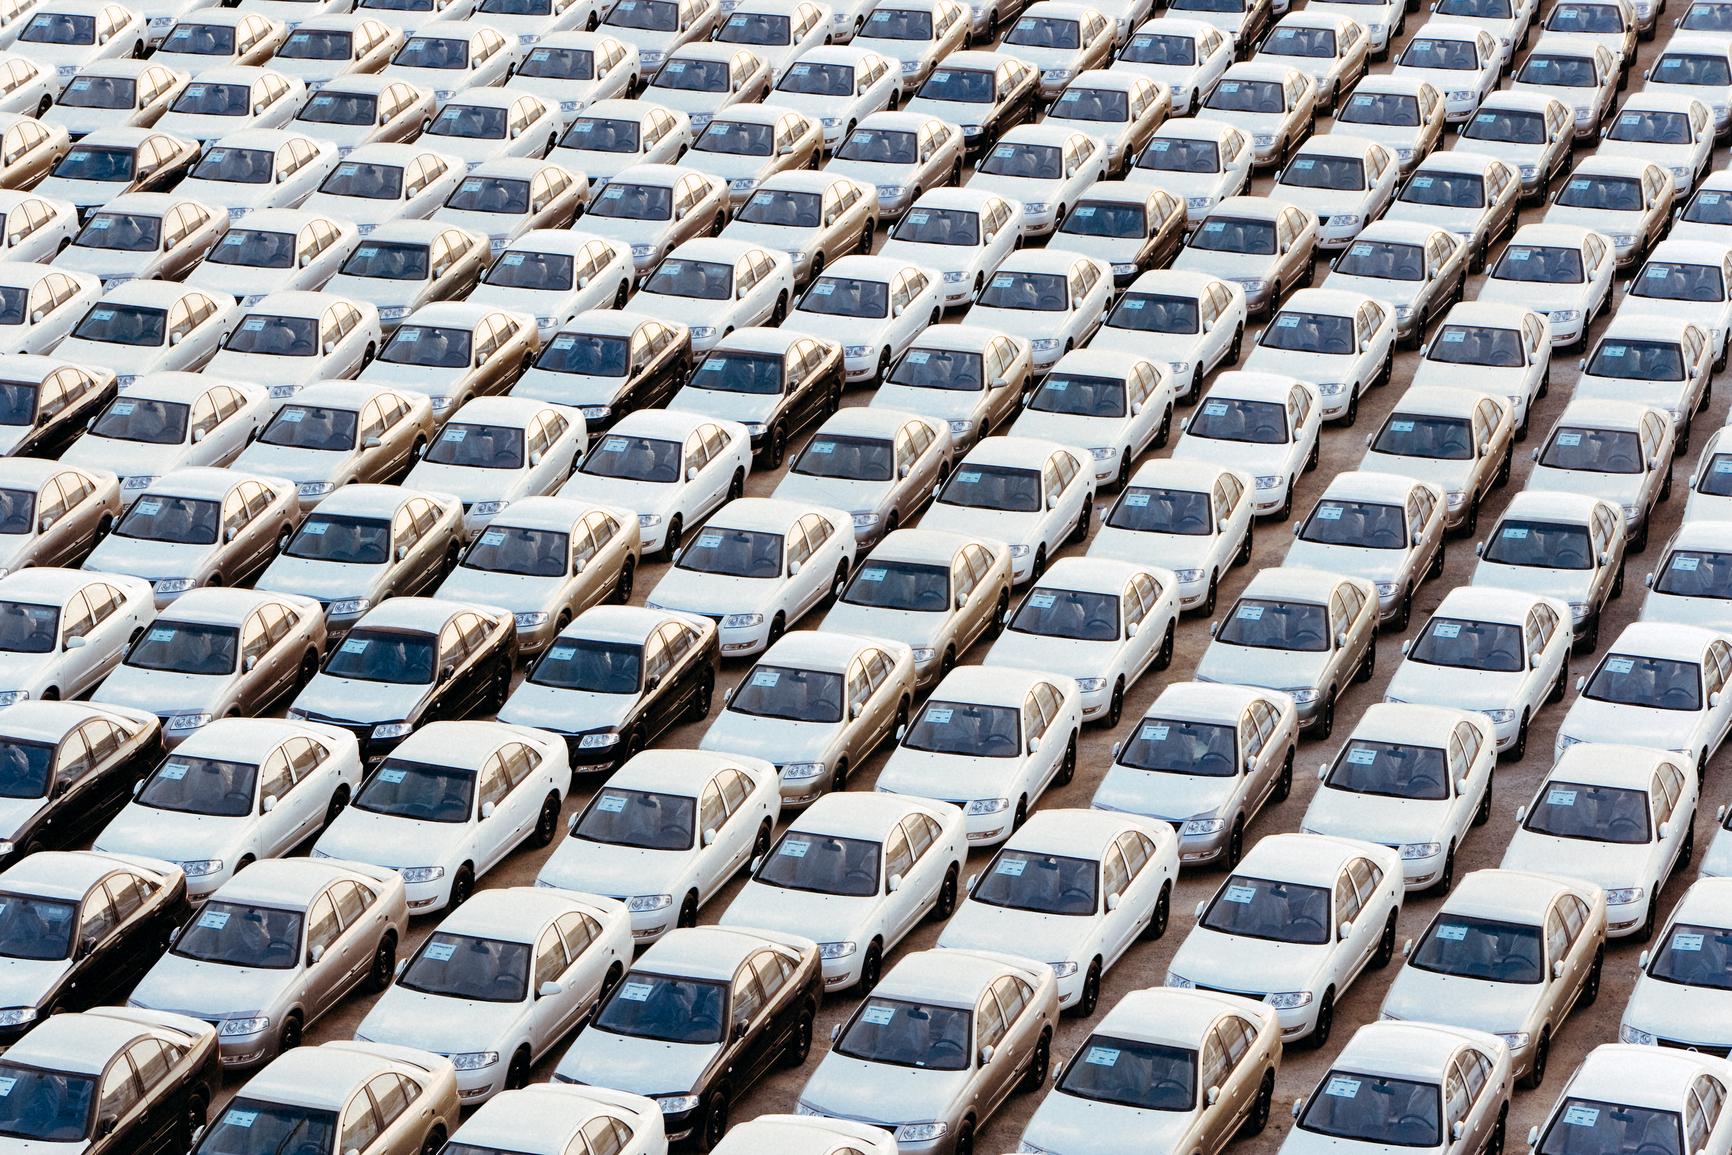 Farmers Auto Insurance Quote Nerdwallet's Auto Insurance Reviews For 2017  Nerdwallet